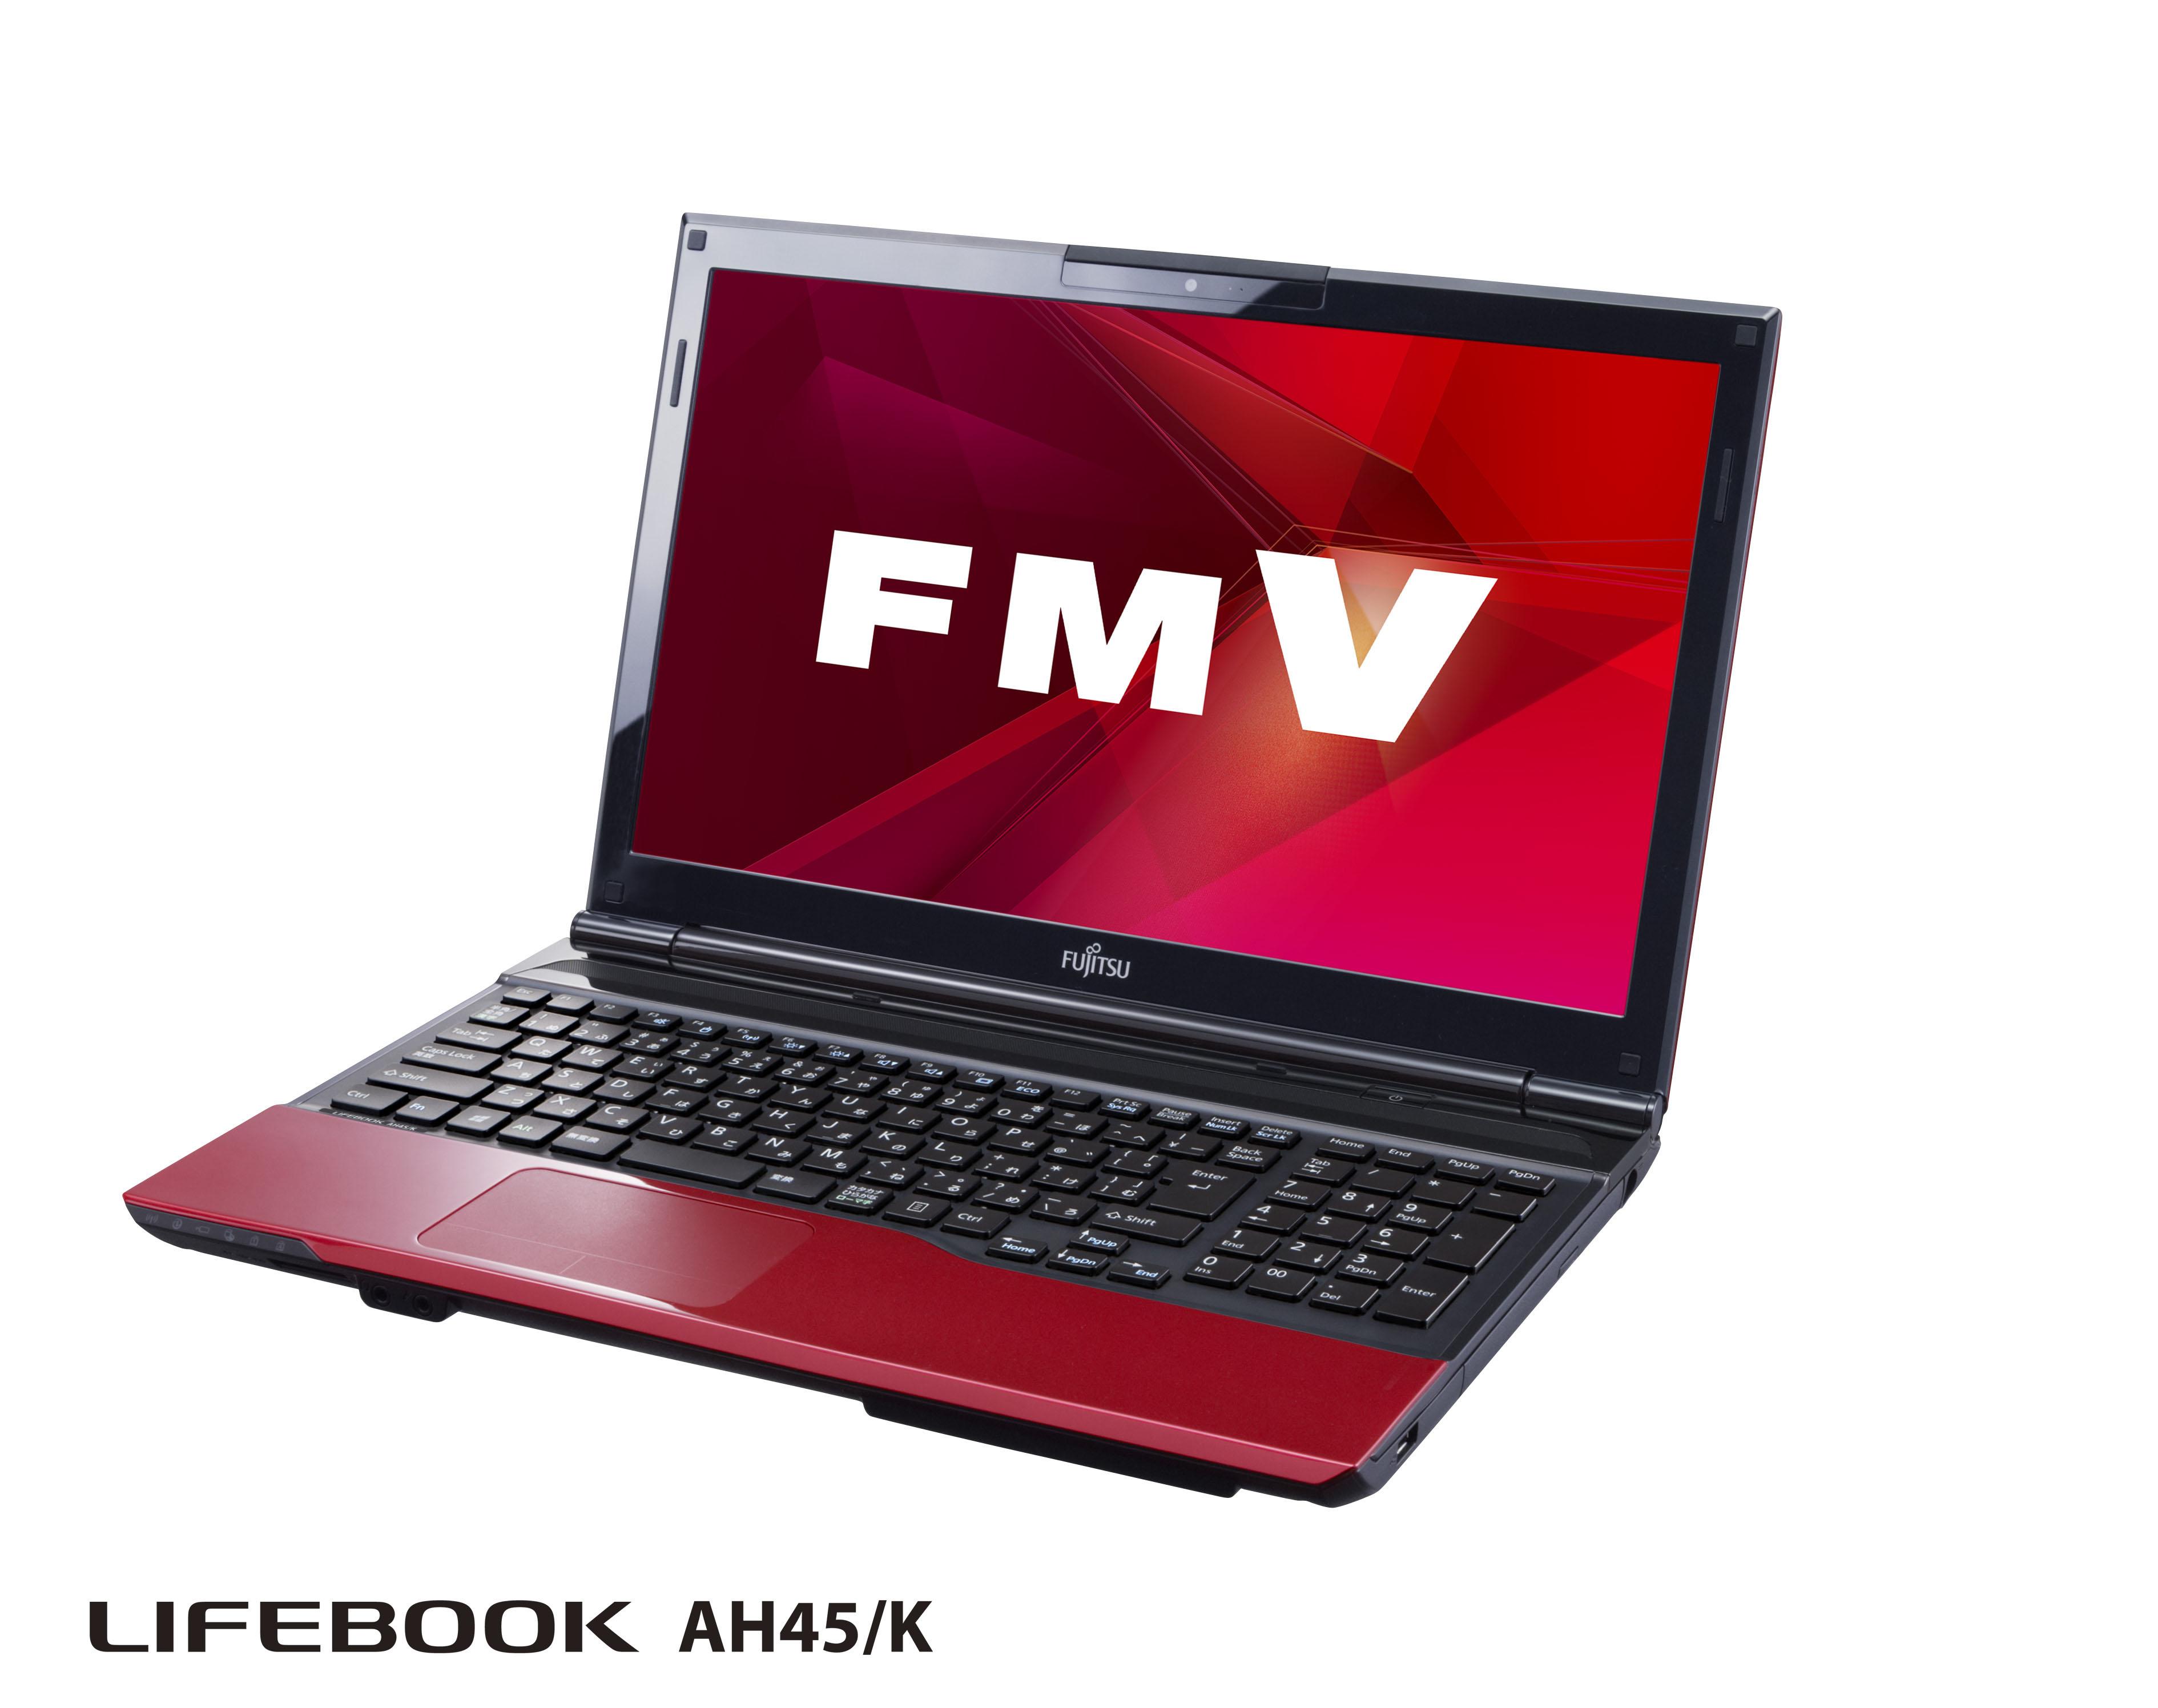 Fujitsu-Lifebook-AH45-K